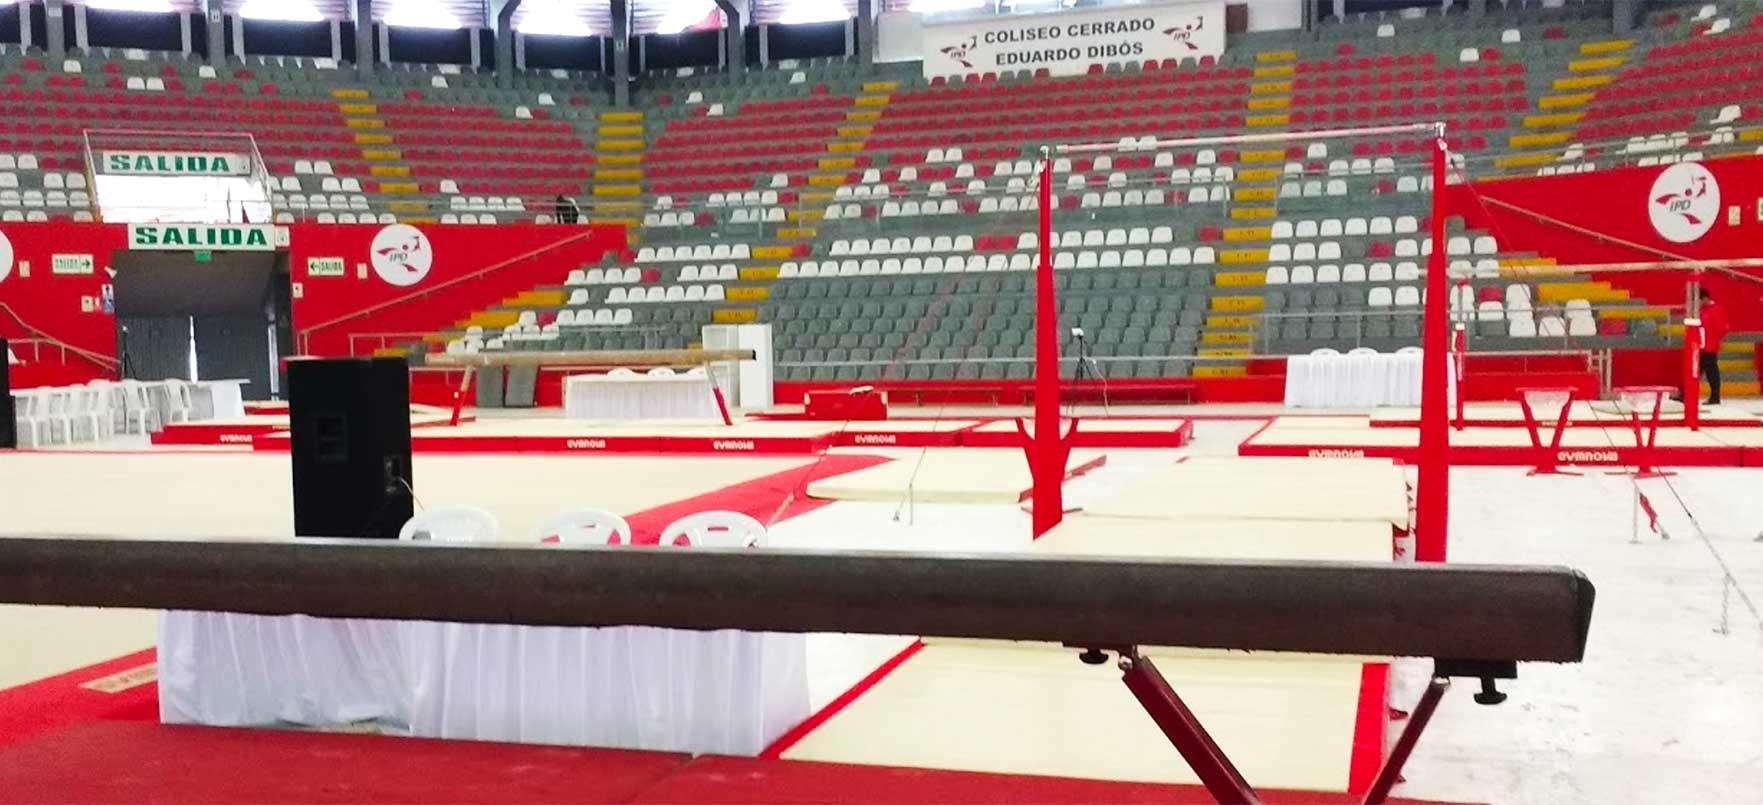 COLISEO EDUARDO DIBOS hosts the Ariana Orrego Gymastics Cup